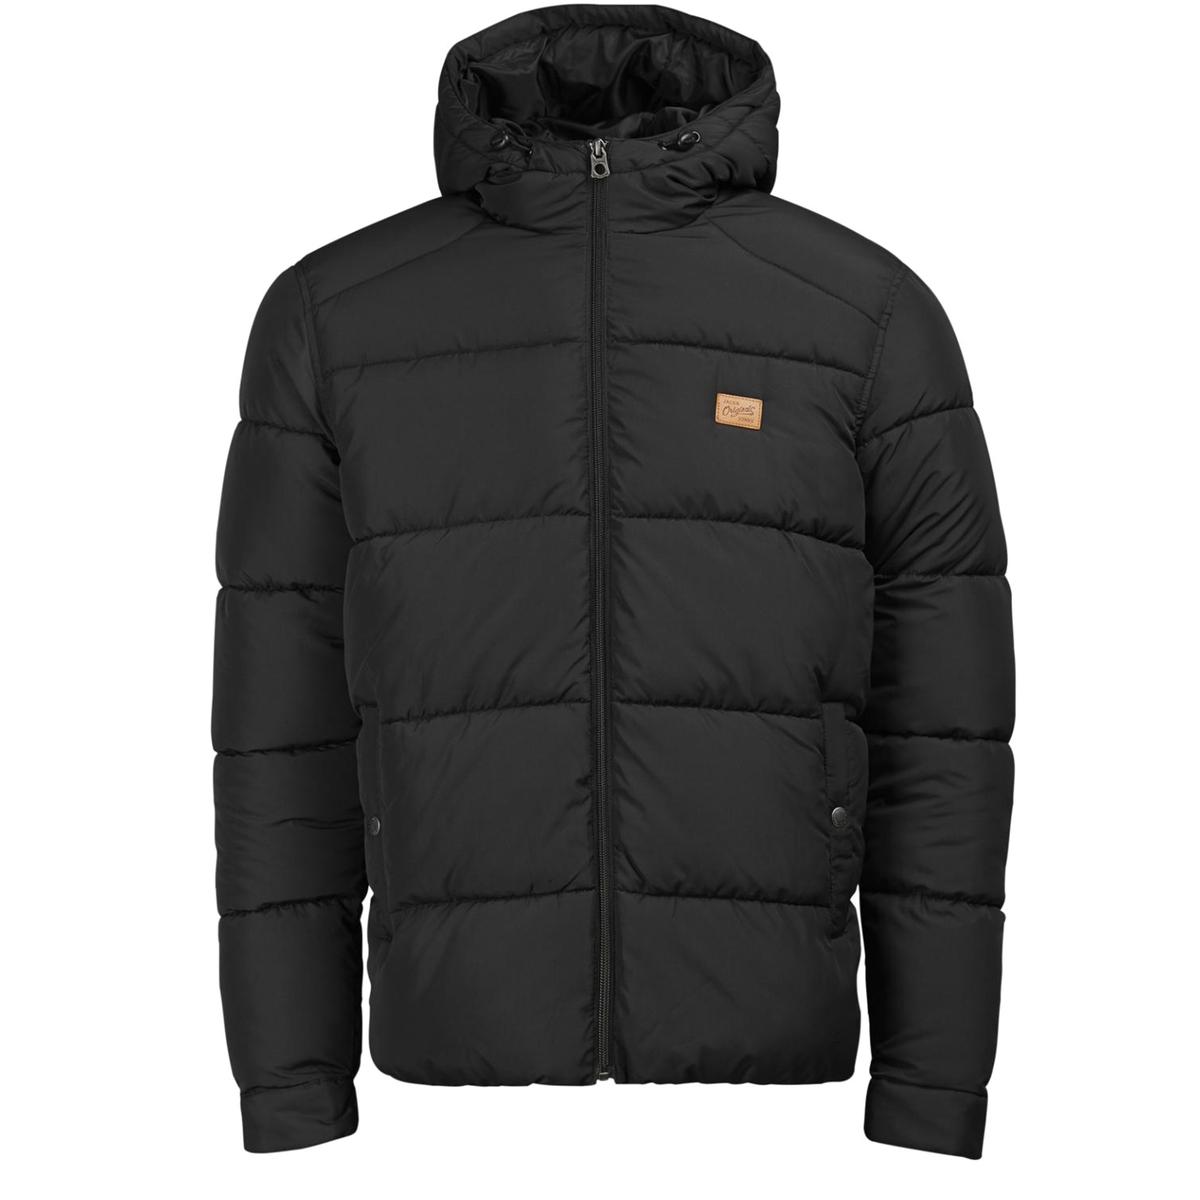 Куртка стеганая с капюшономСтеганая куртка с капюшоном JACK &amp; JONES. Прямой покрой, высокий воротник, капюшон. Карманы по бокам. Вставки на плечах. Эластичный низ. Состав и описаниеМатериал : 100% полиэстерМарка : JACK &amp; JONES<br><br>Цвет: черный<br>Размер: XL.L